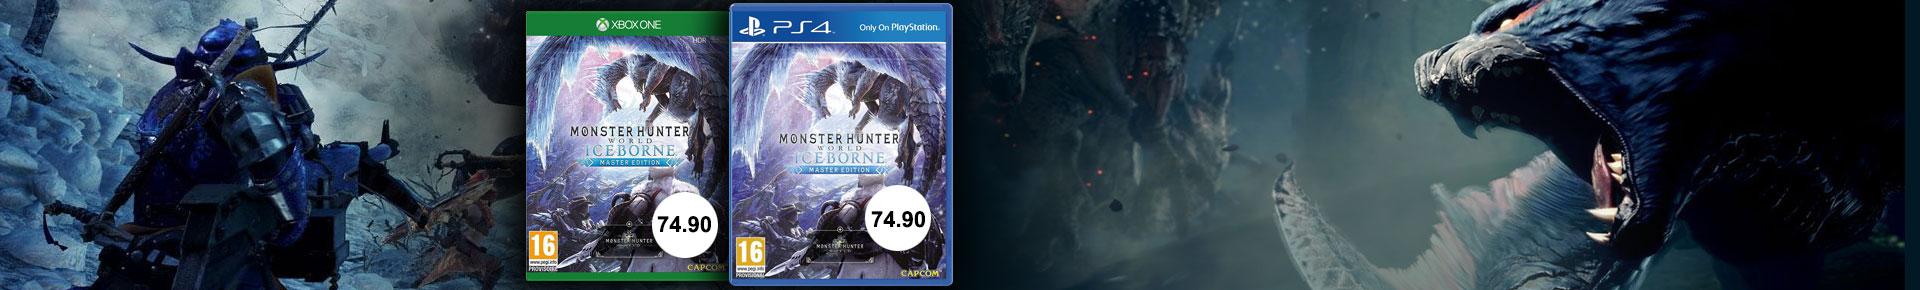 Monster Hunter: World – Iceborn